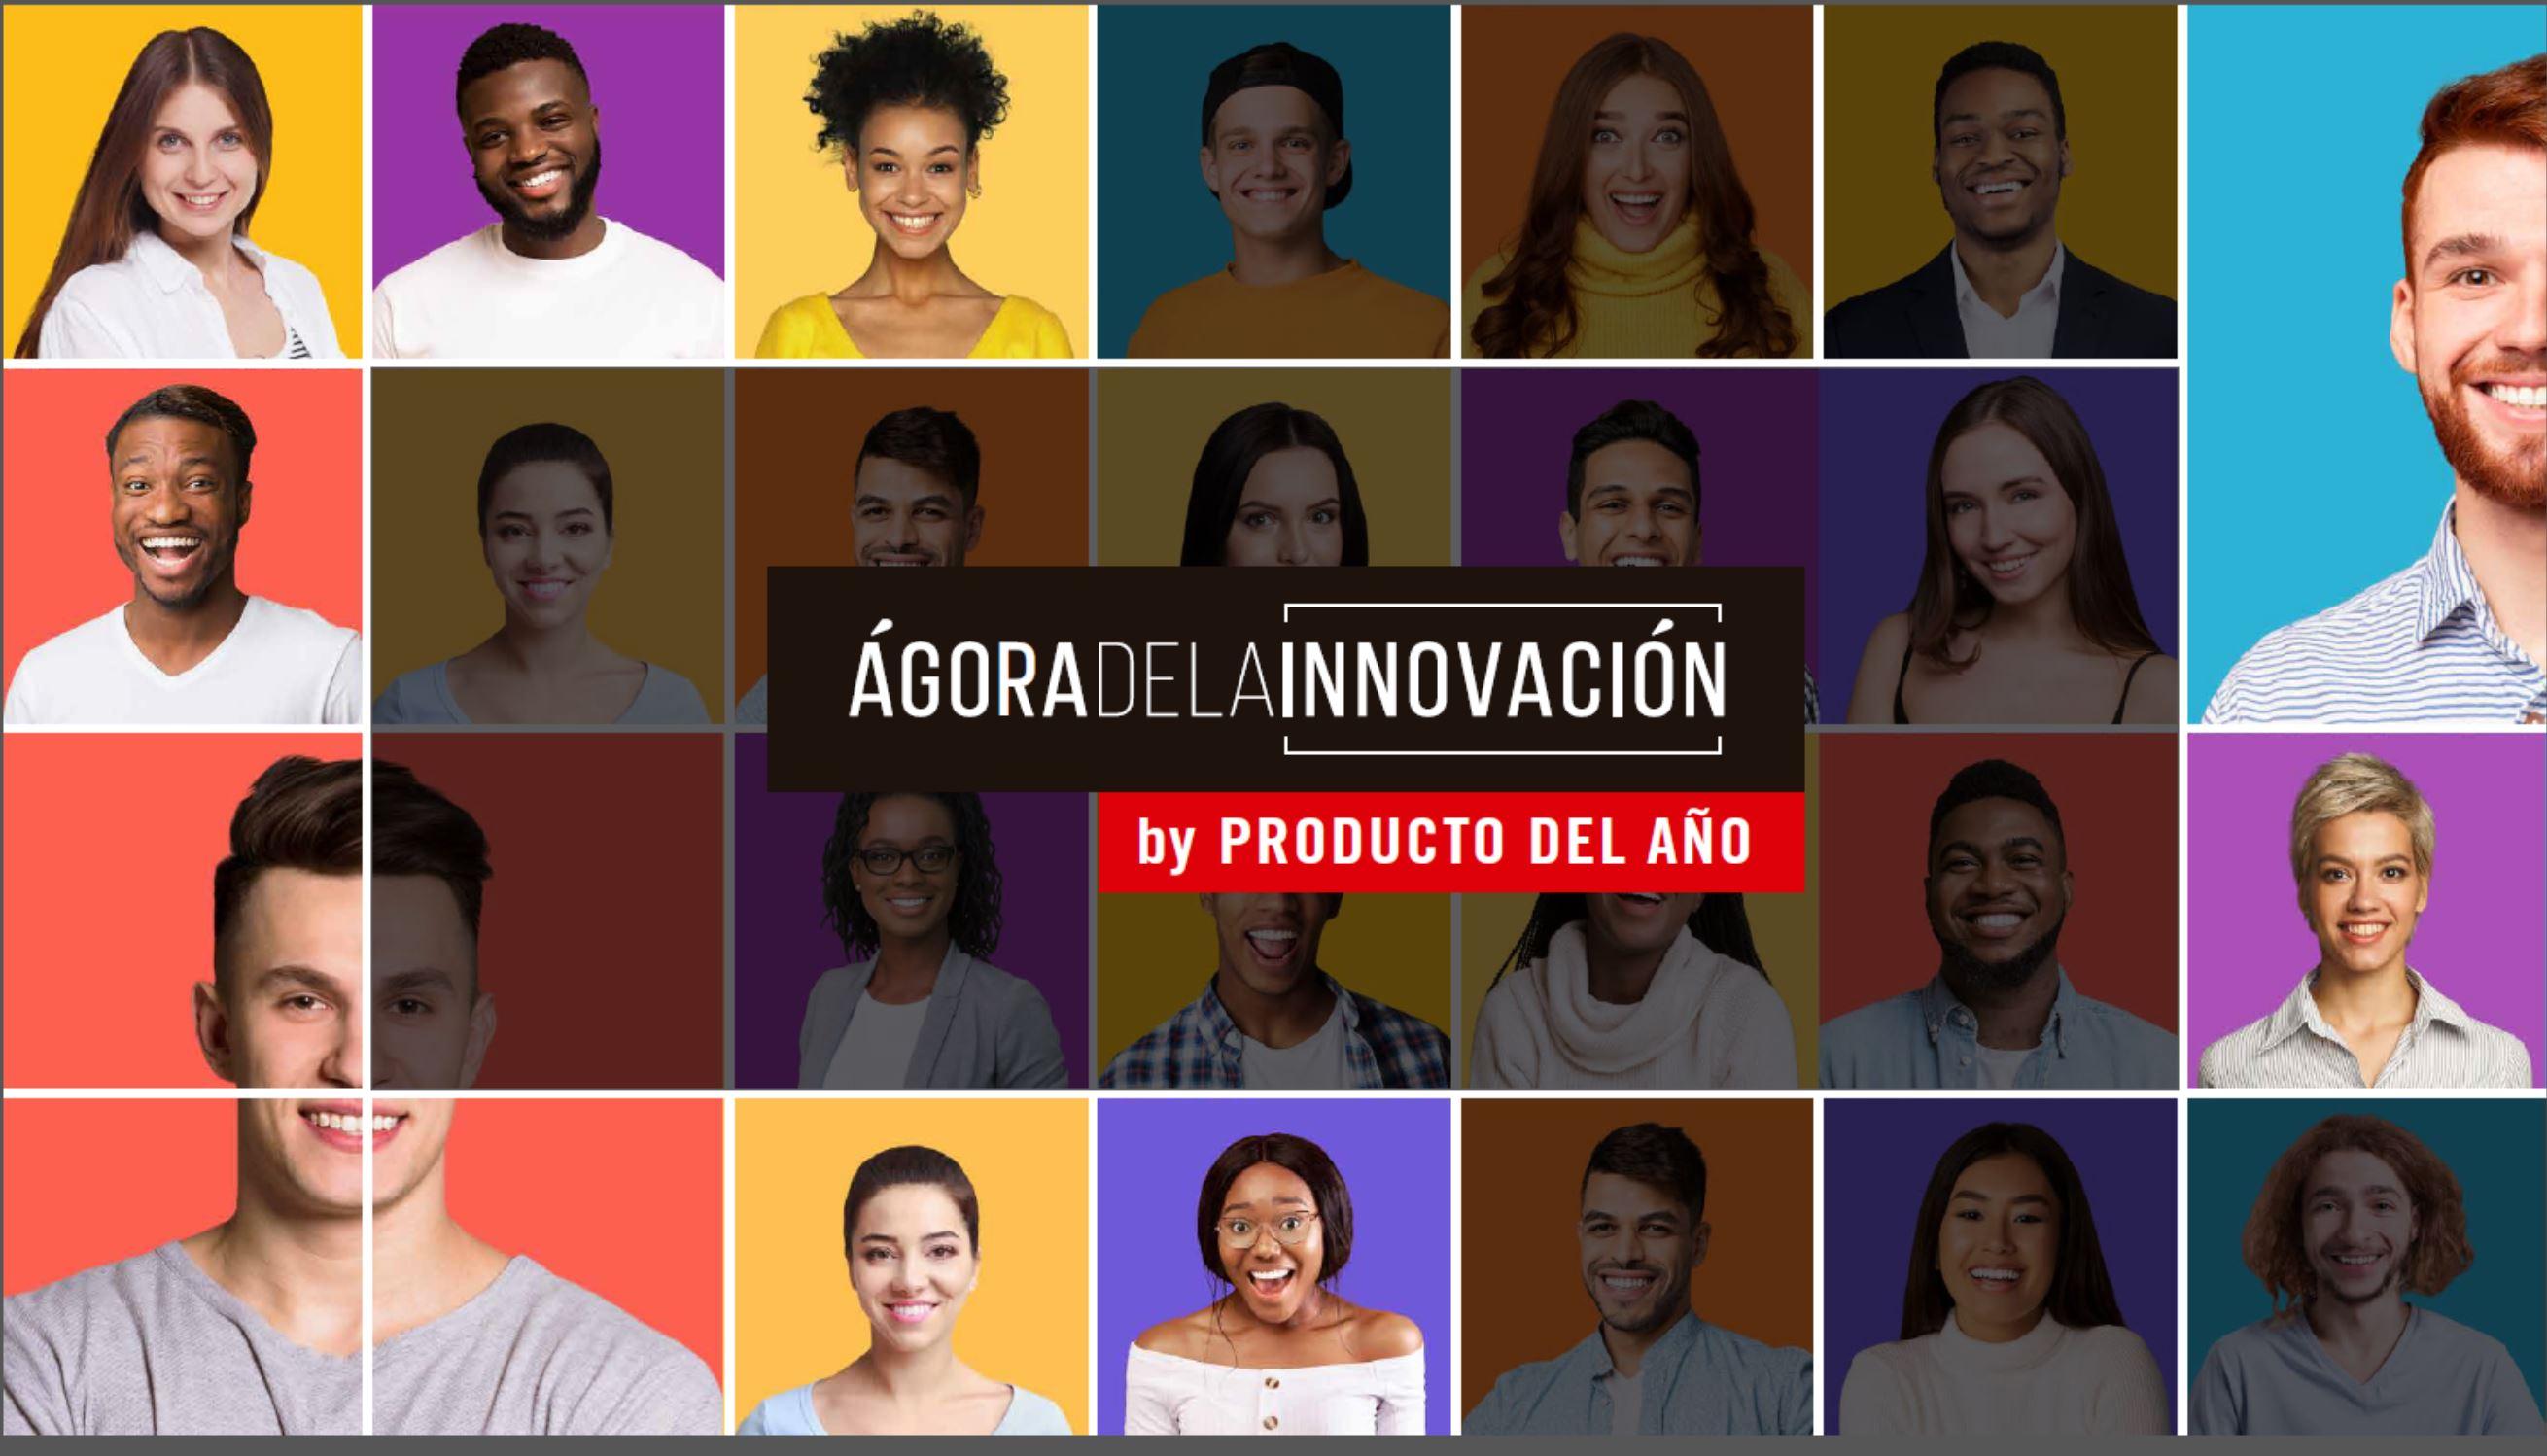 Ágora De La Innovación By Producto Del Año, El Nuevo Espacio Para Conectar Innovación Y Consumidores